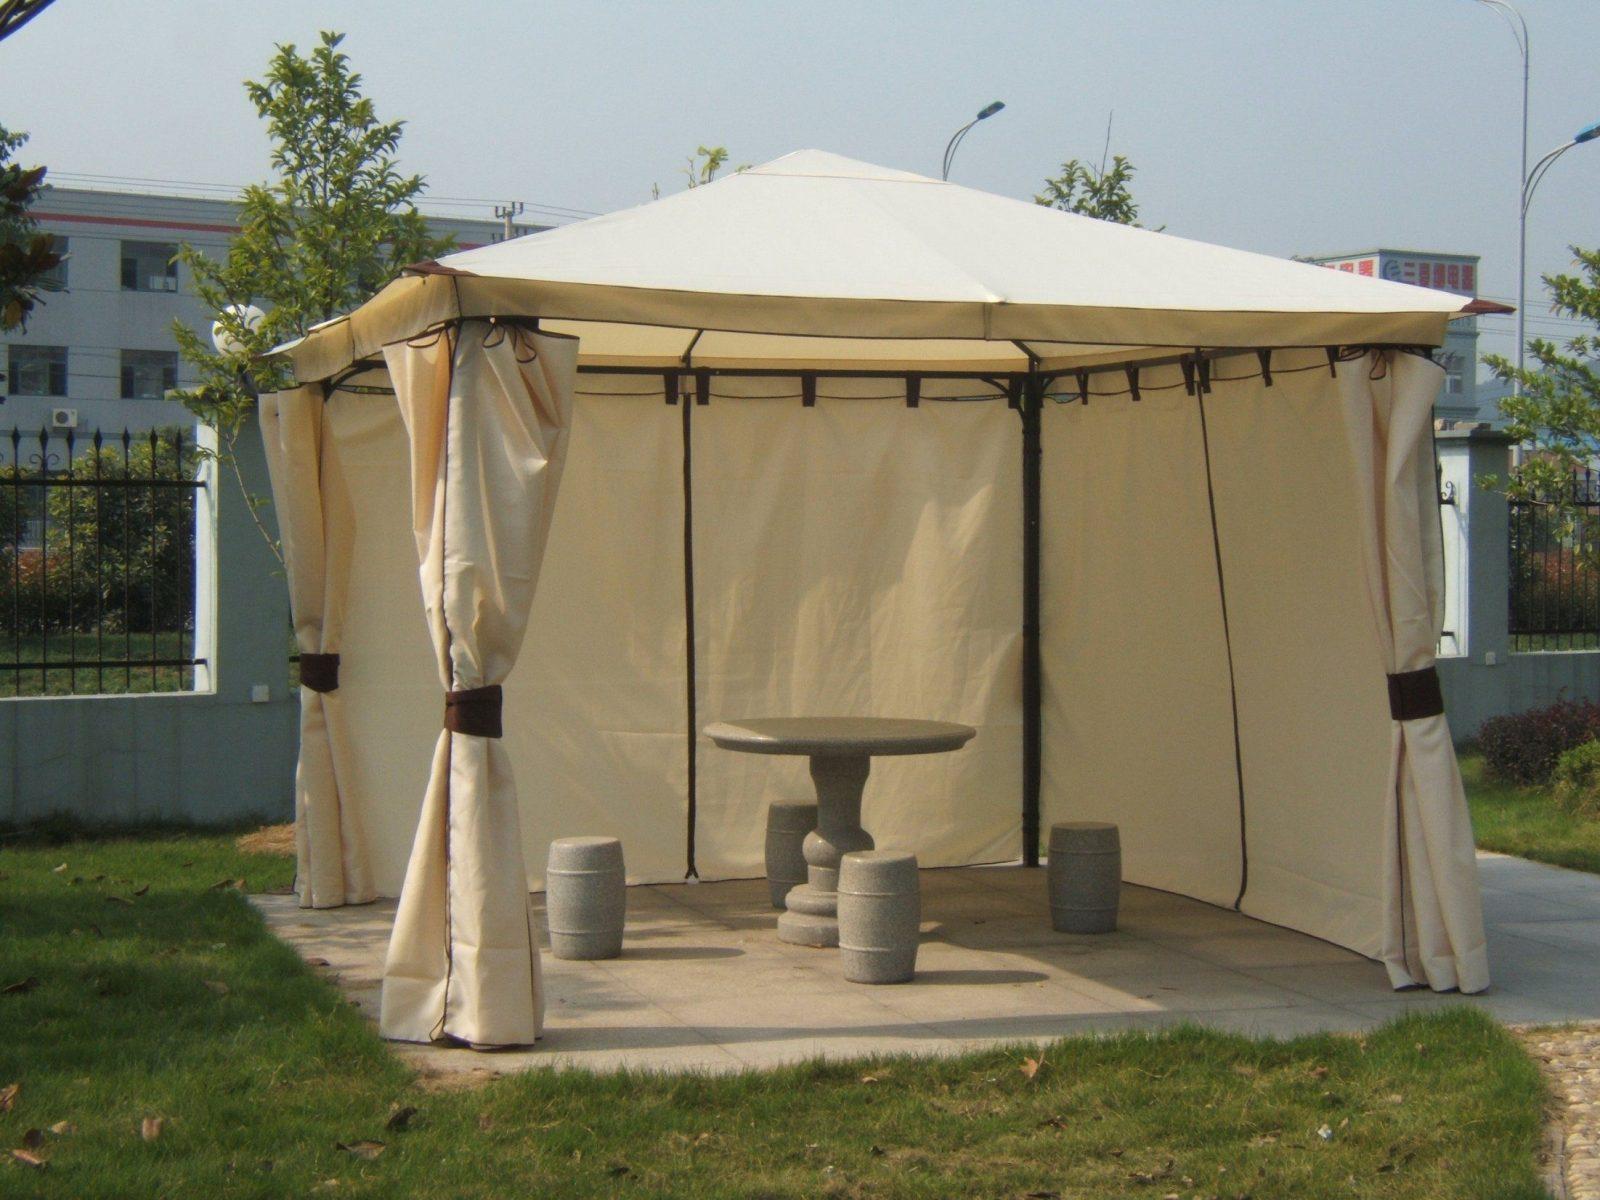 Ersatzdach Pavillon 3X3 Lkw Plane Mit Zusätzlichen Schick Zuhause von Ersatzdach Pavillon 3X3 Lkw Plane Bild